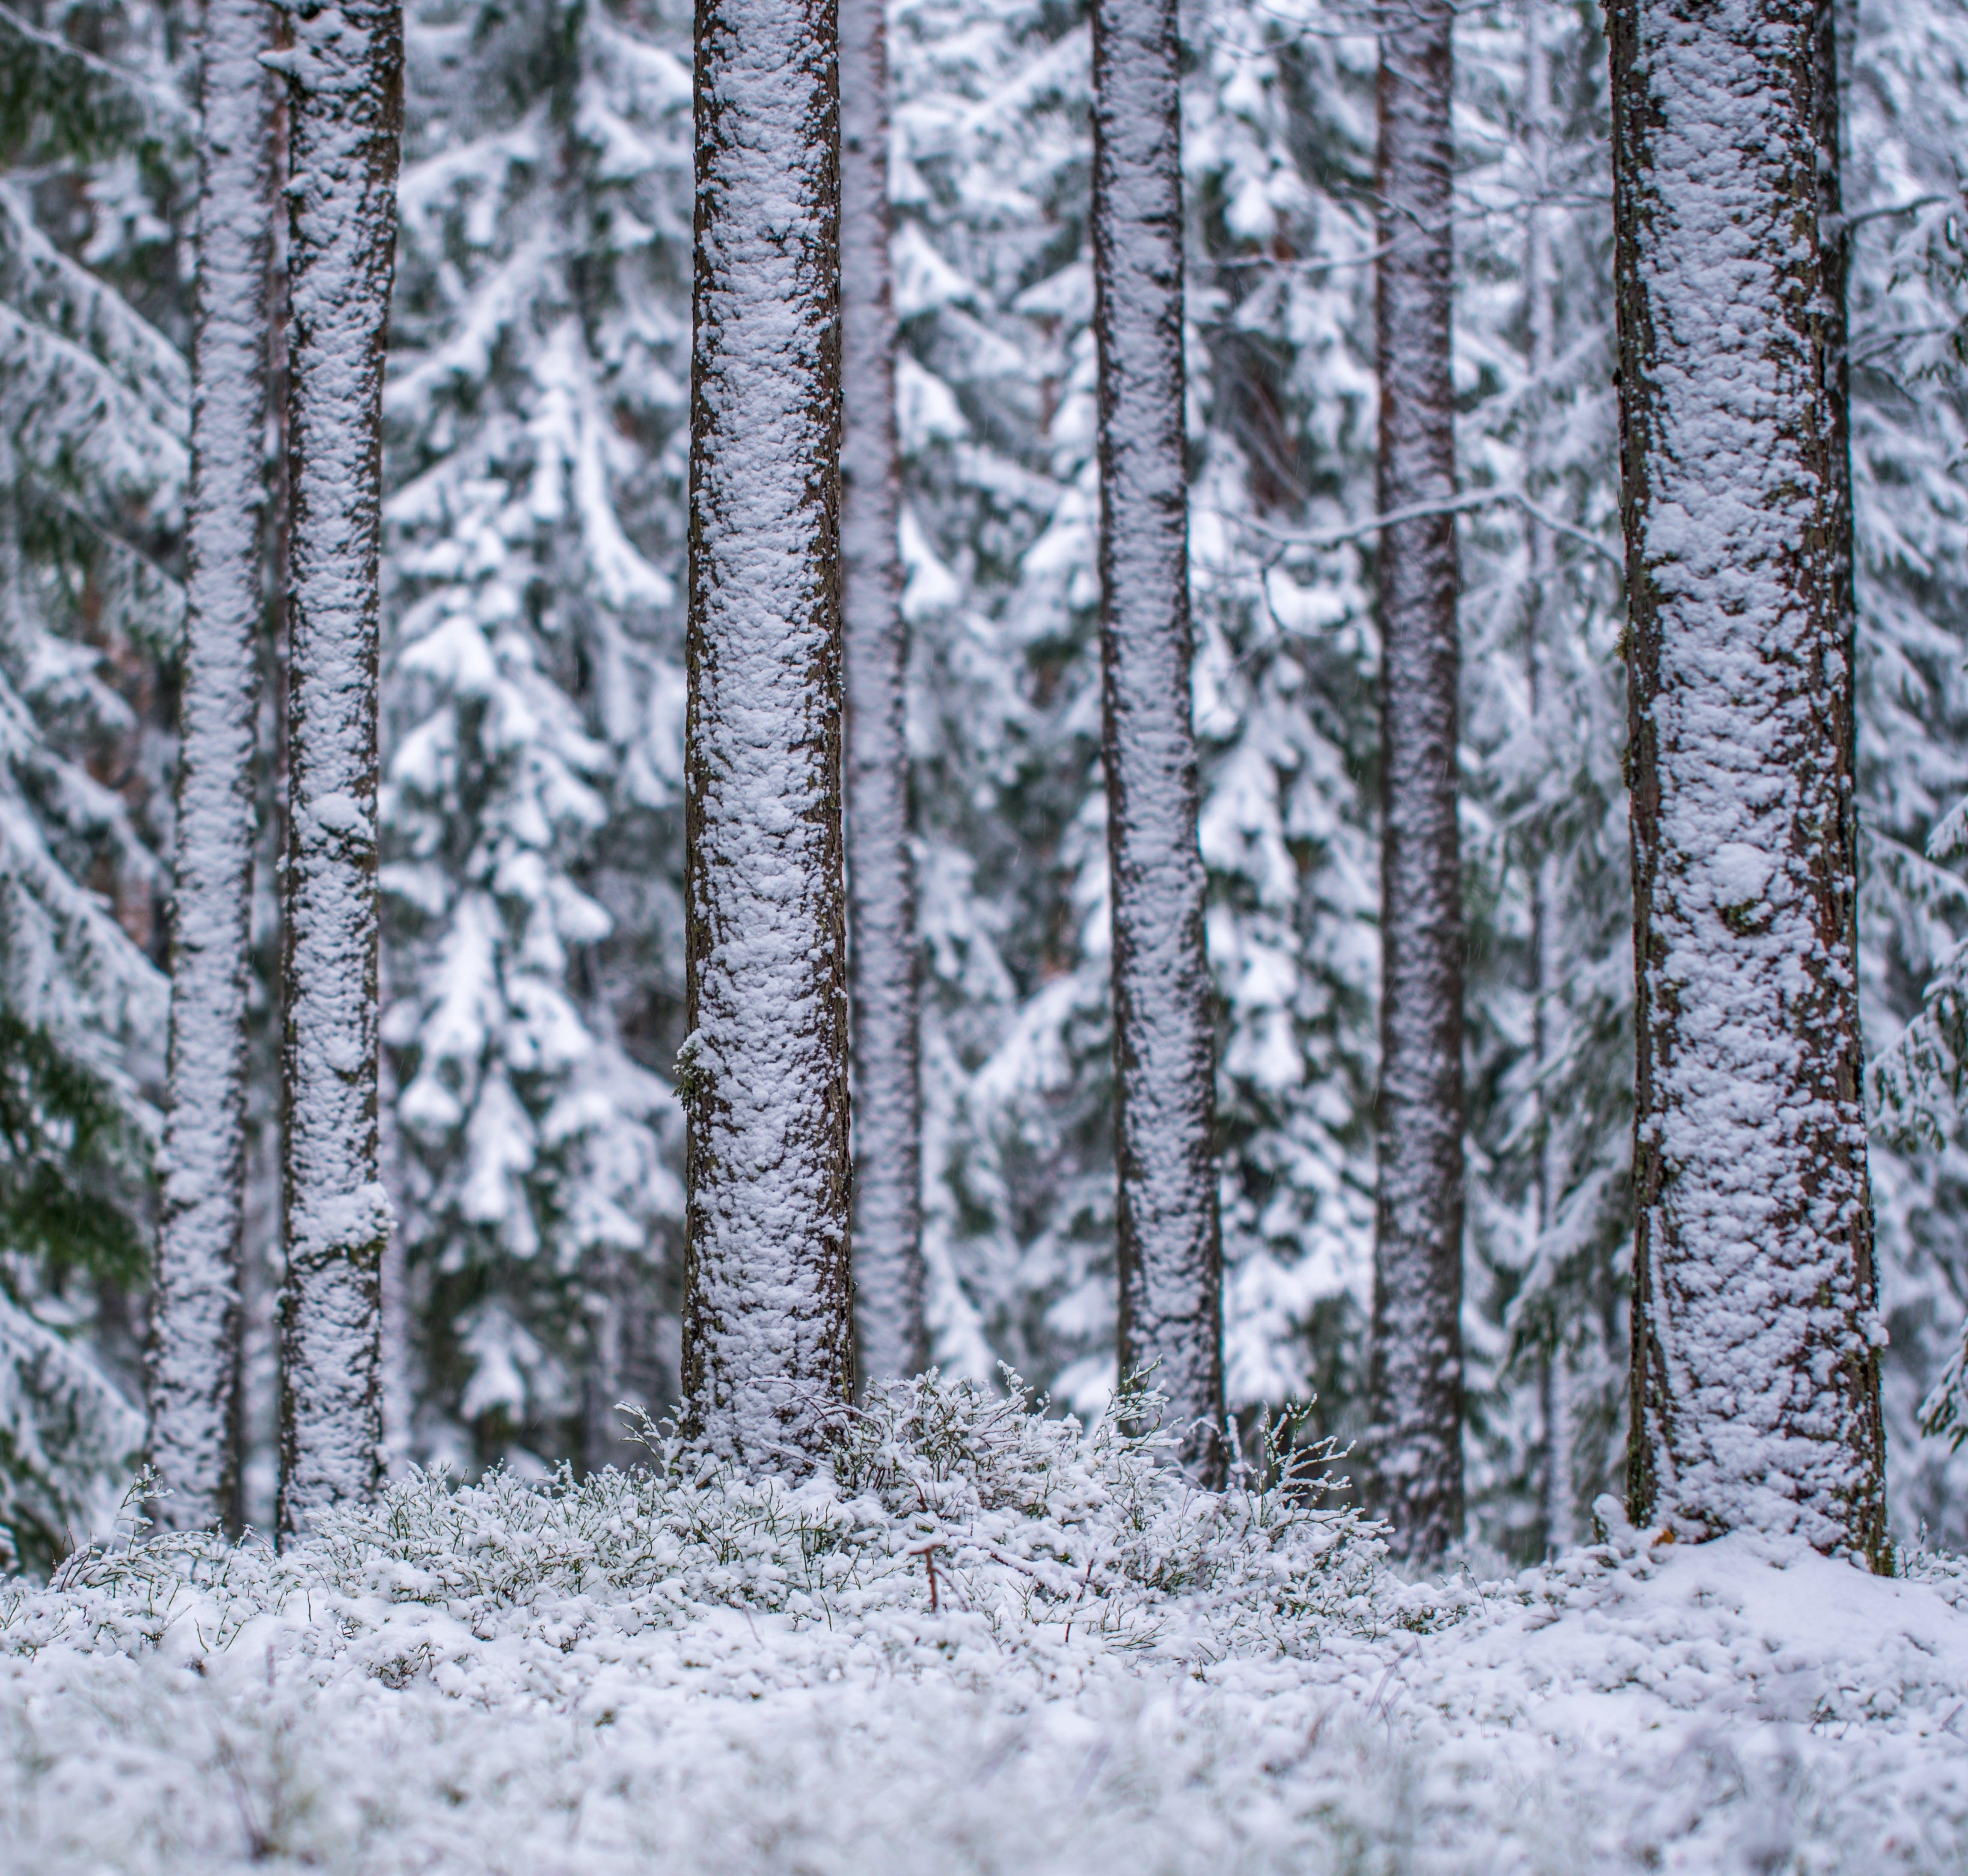 Δωρεάν στοκ φωτογραφιών με γρασίδι, δασικός, δέντρα, εποχή